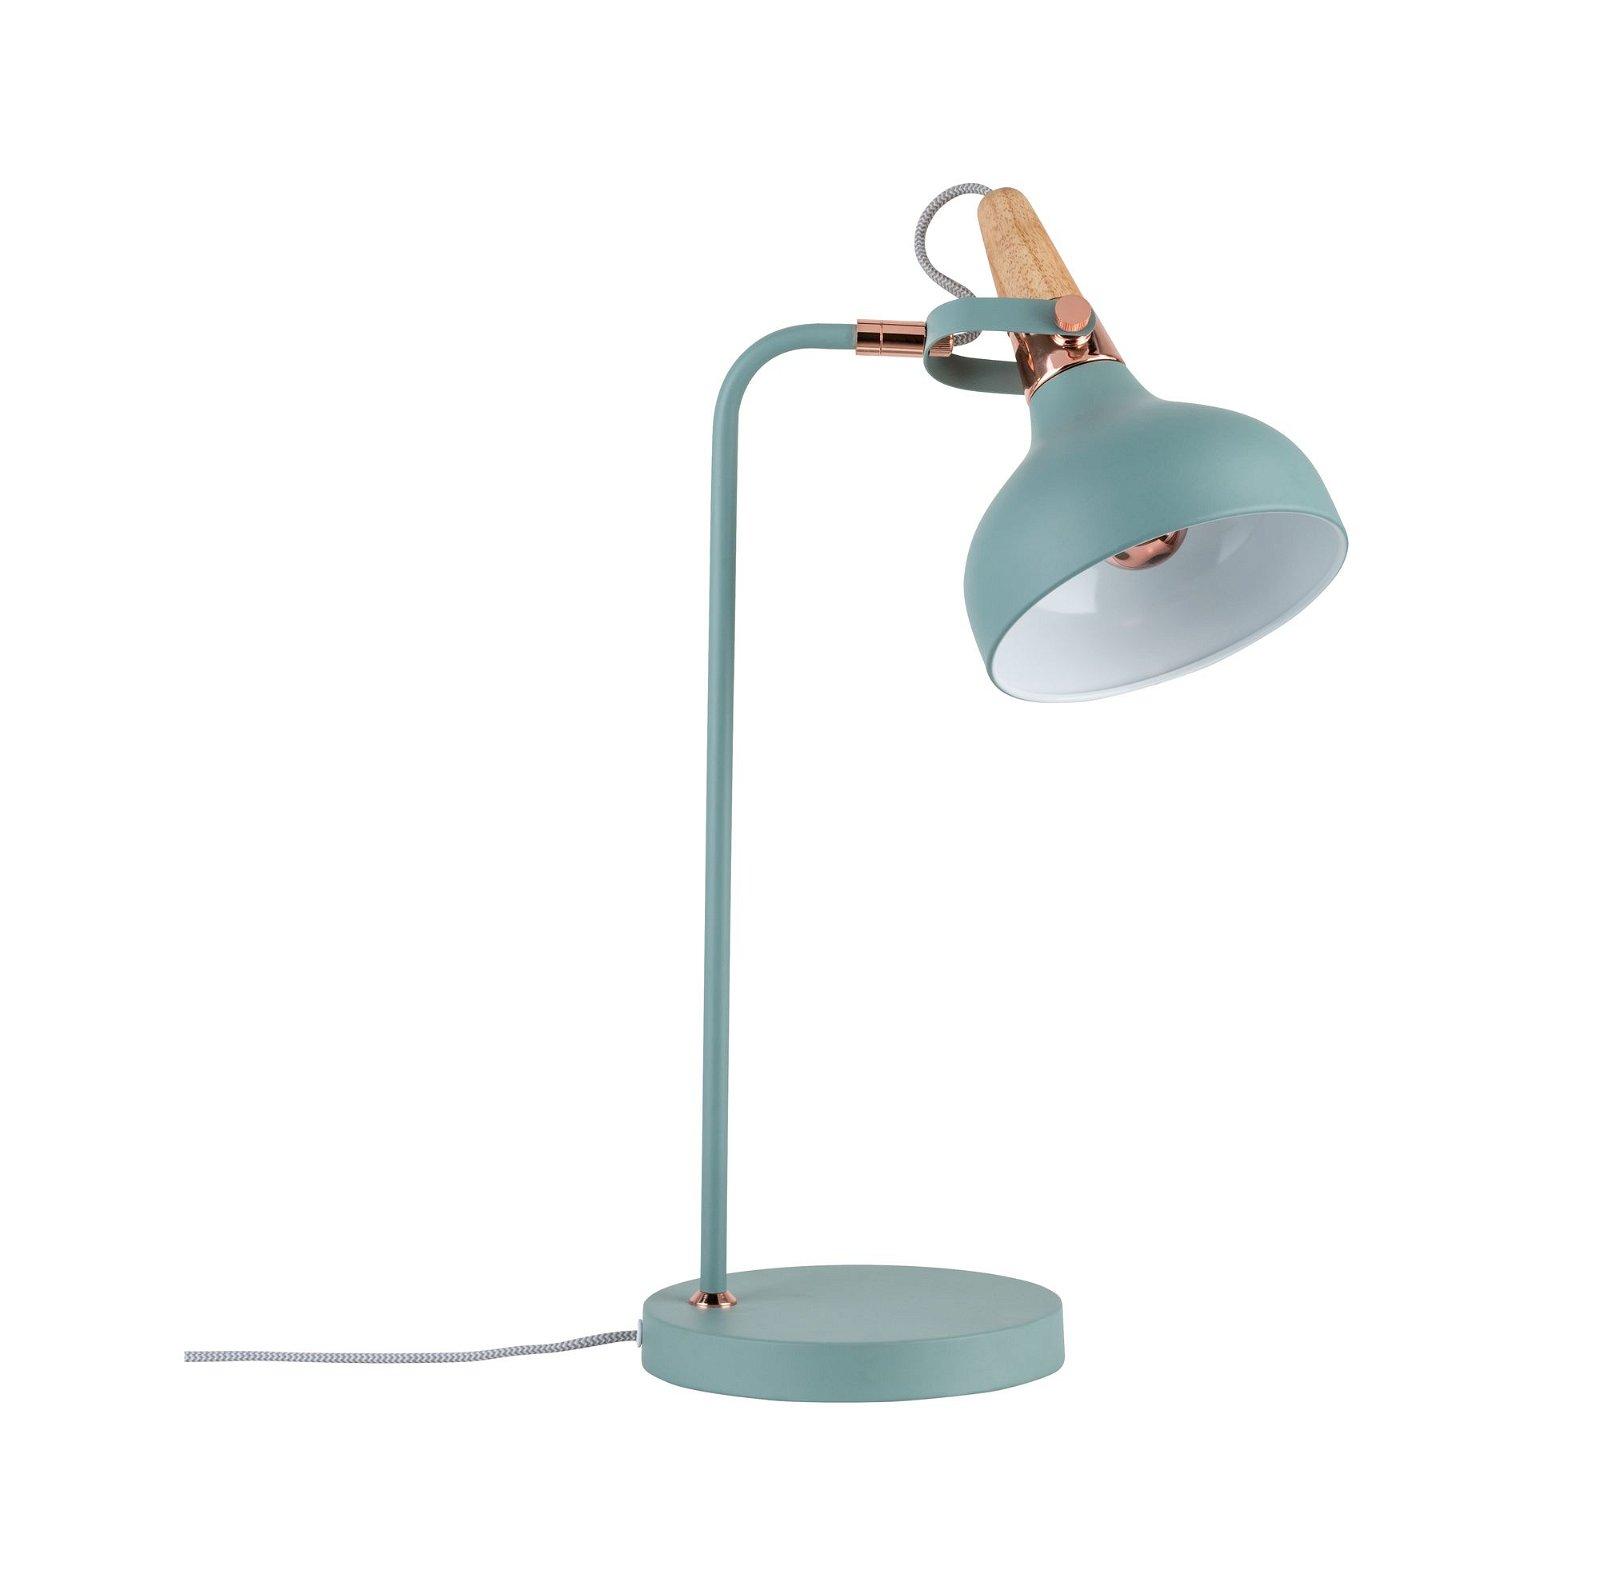 Neordic LED-tafellamp Juna E14 max. 20W Softgroen/Koper/Hout Metaal/Hout